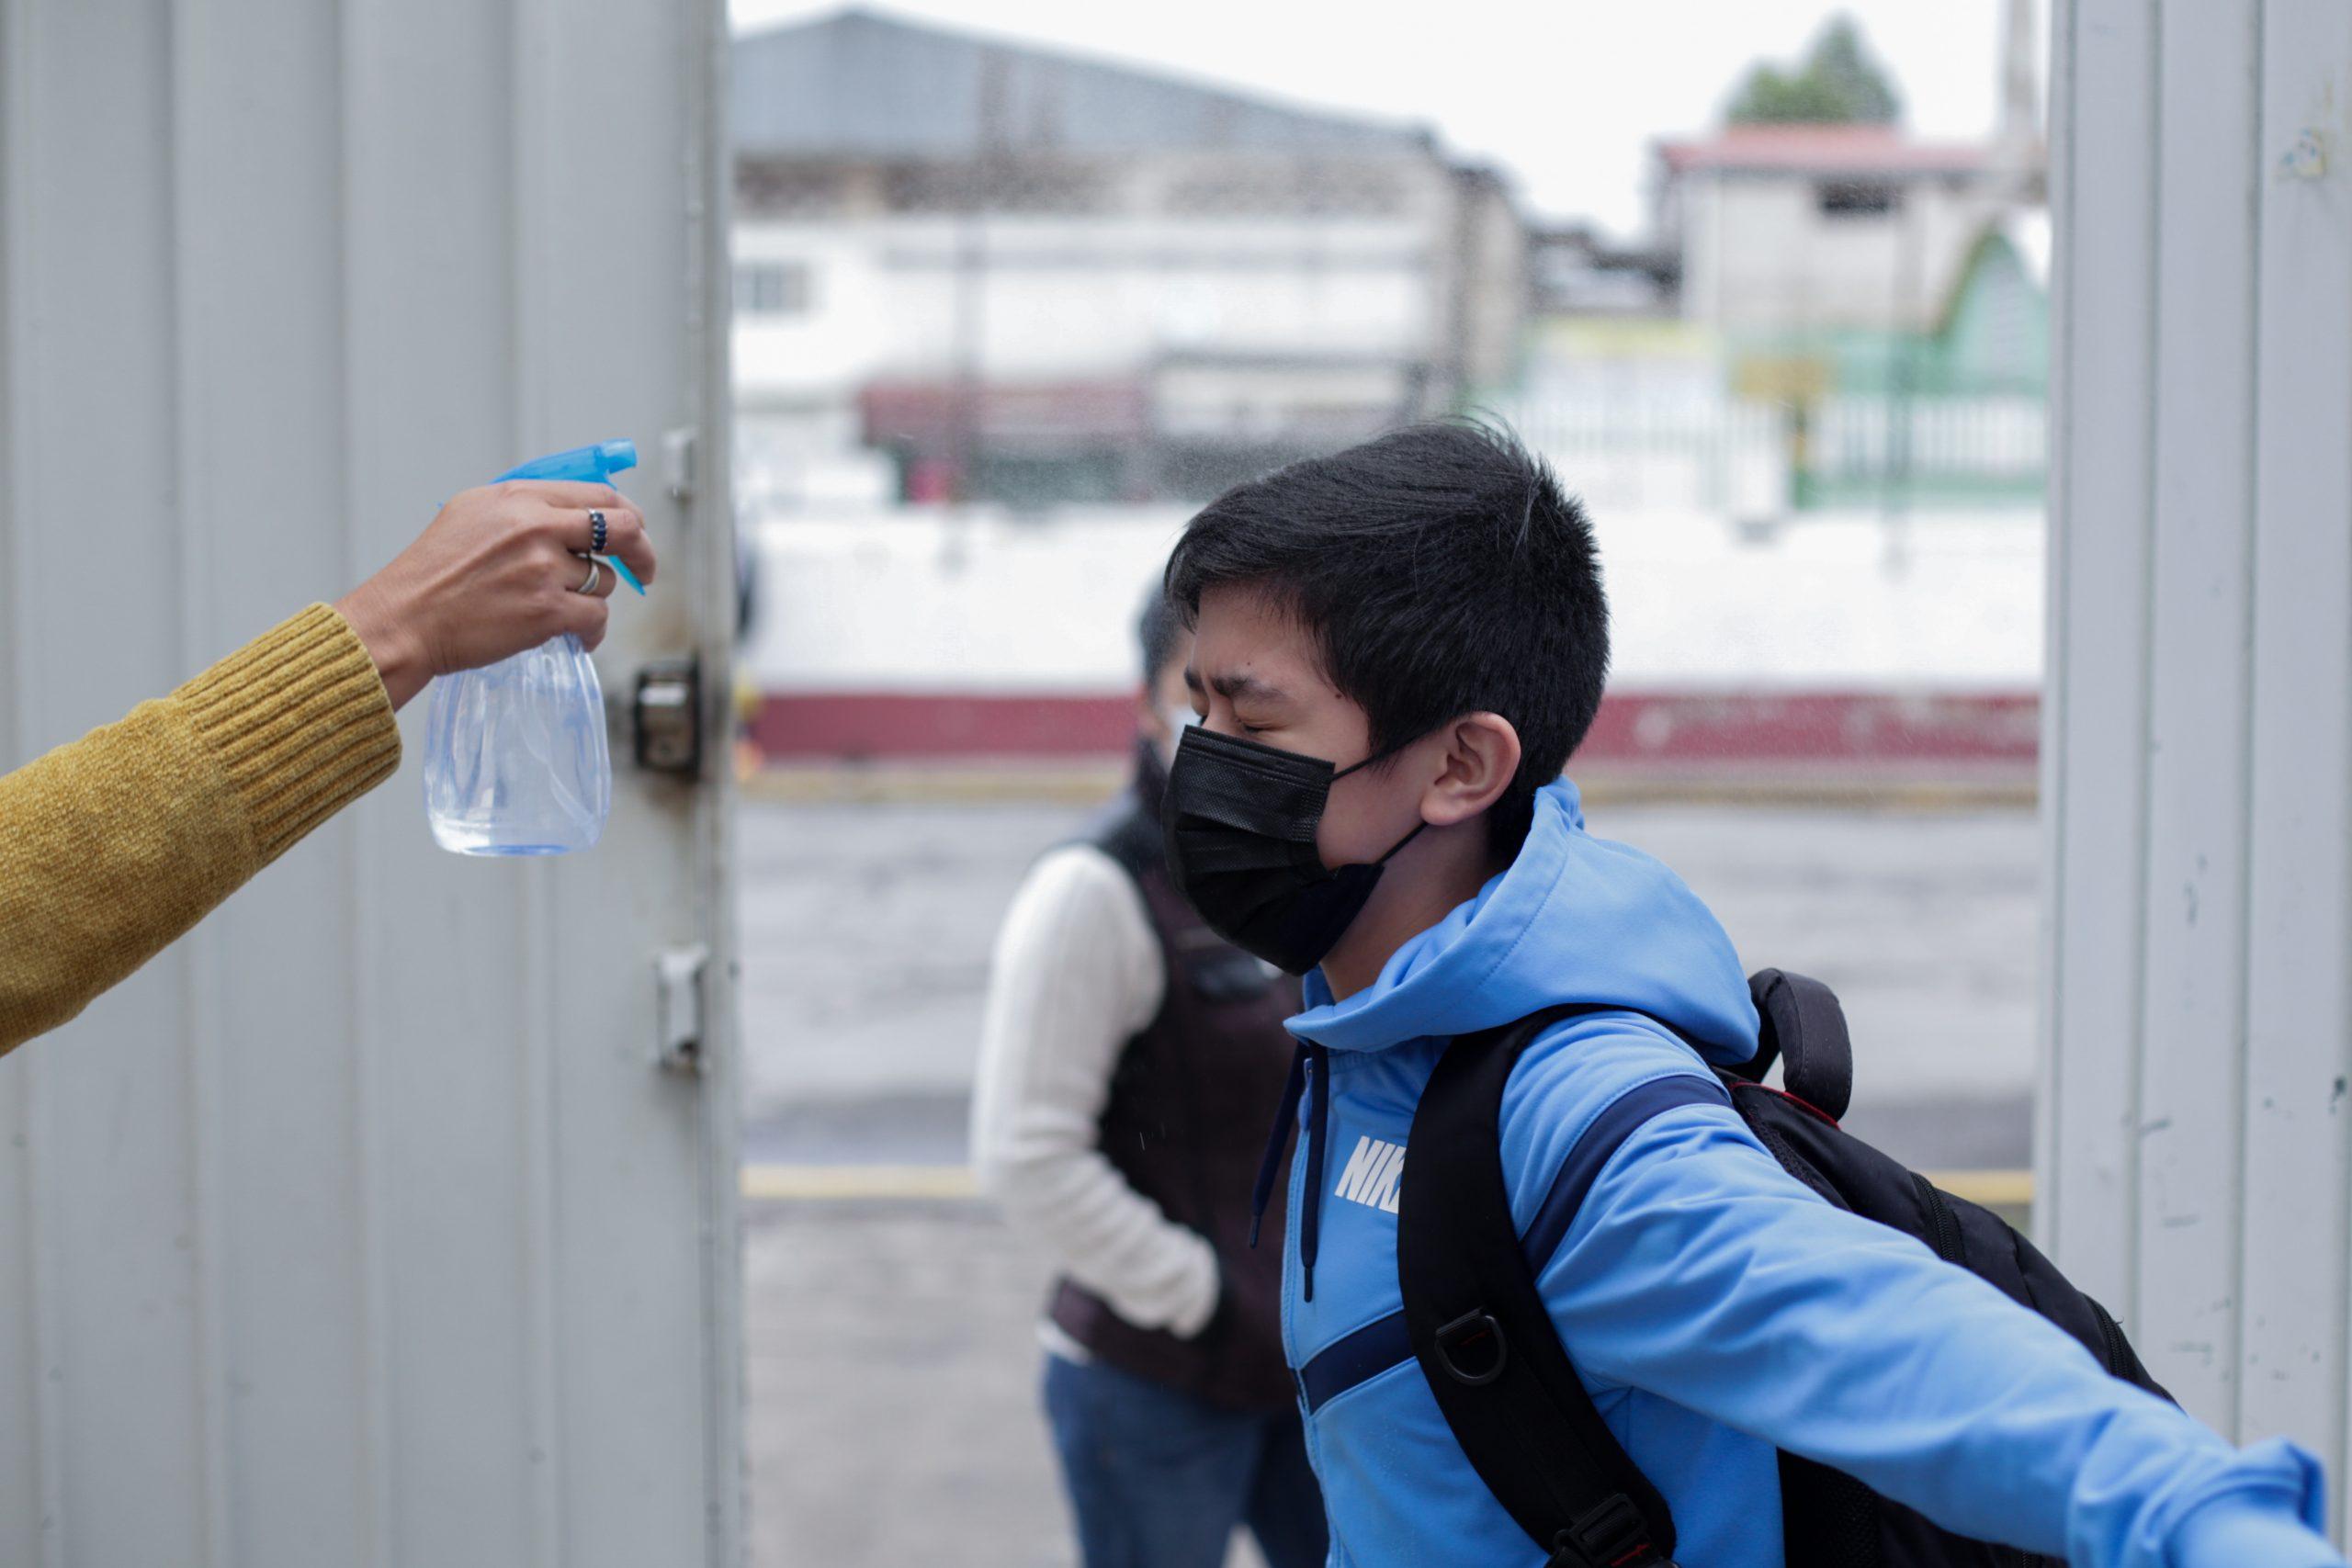 América Latina es la región con el cierre de escuelas más prolongado en el mundo por pandemia: Unesco